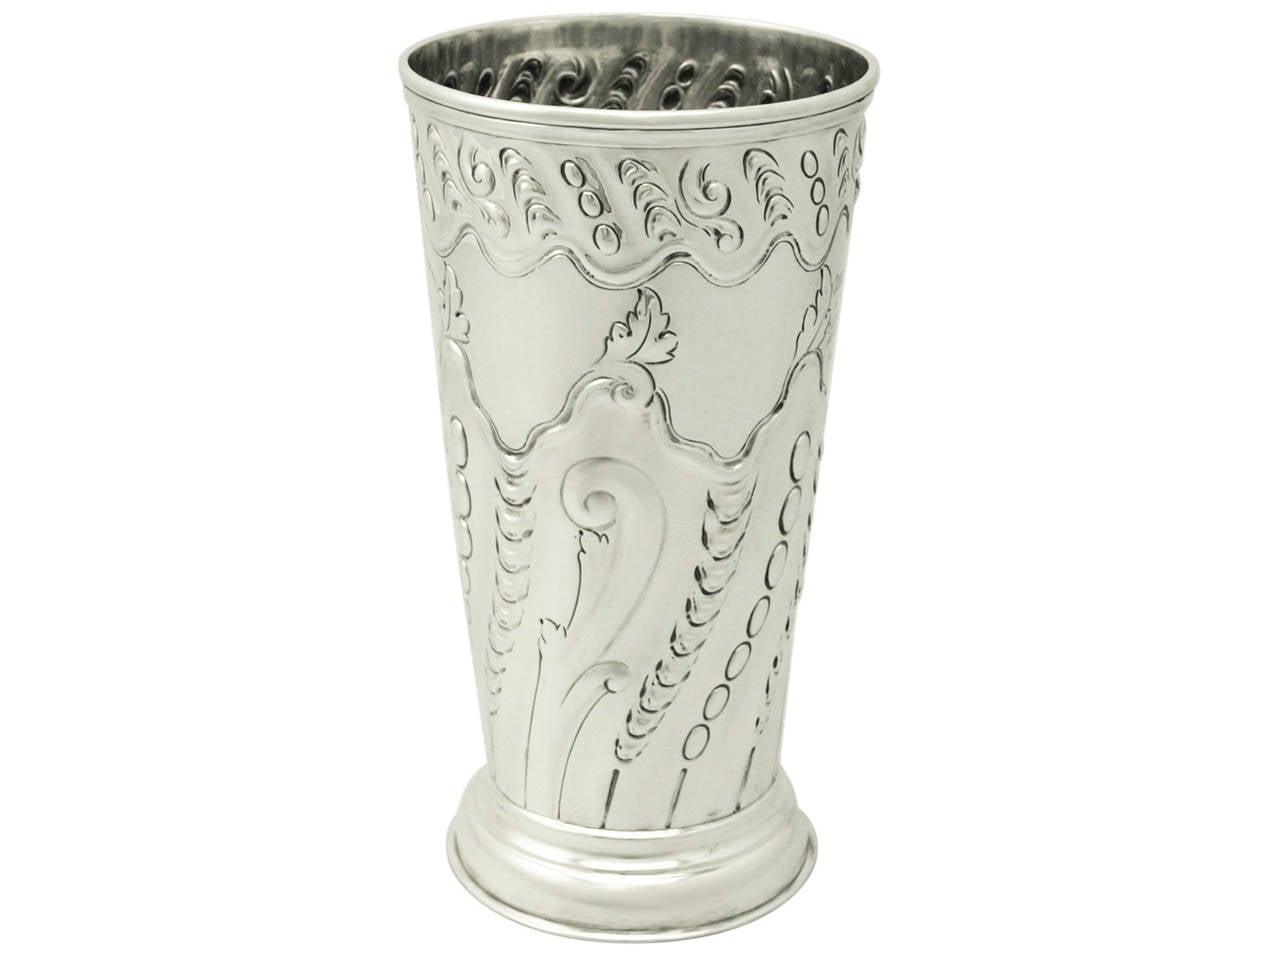 sterling silver vase antique victorian for sale at 1stdibs. Black Bedroom Furniture Sets. Home Design Ideas